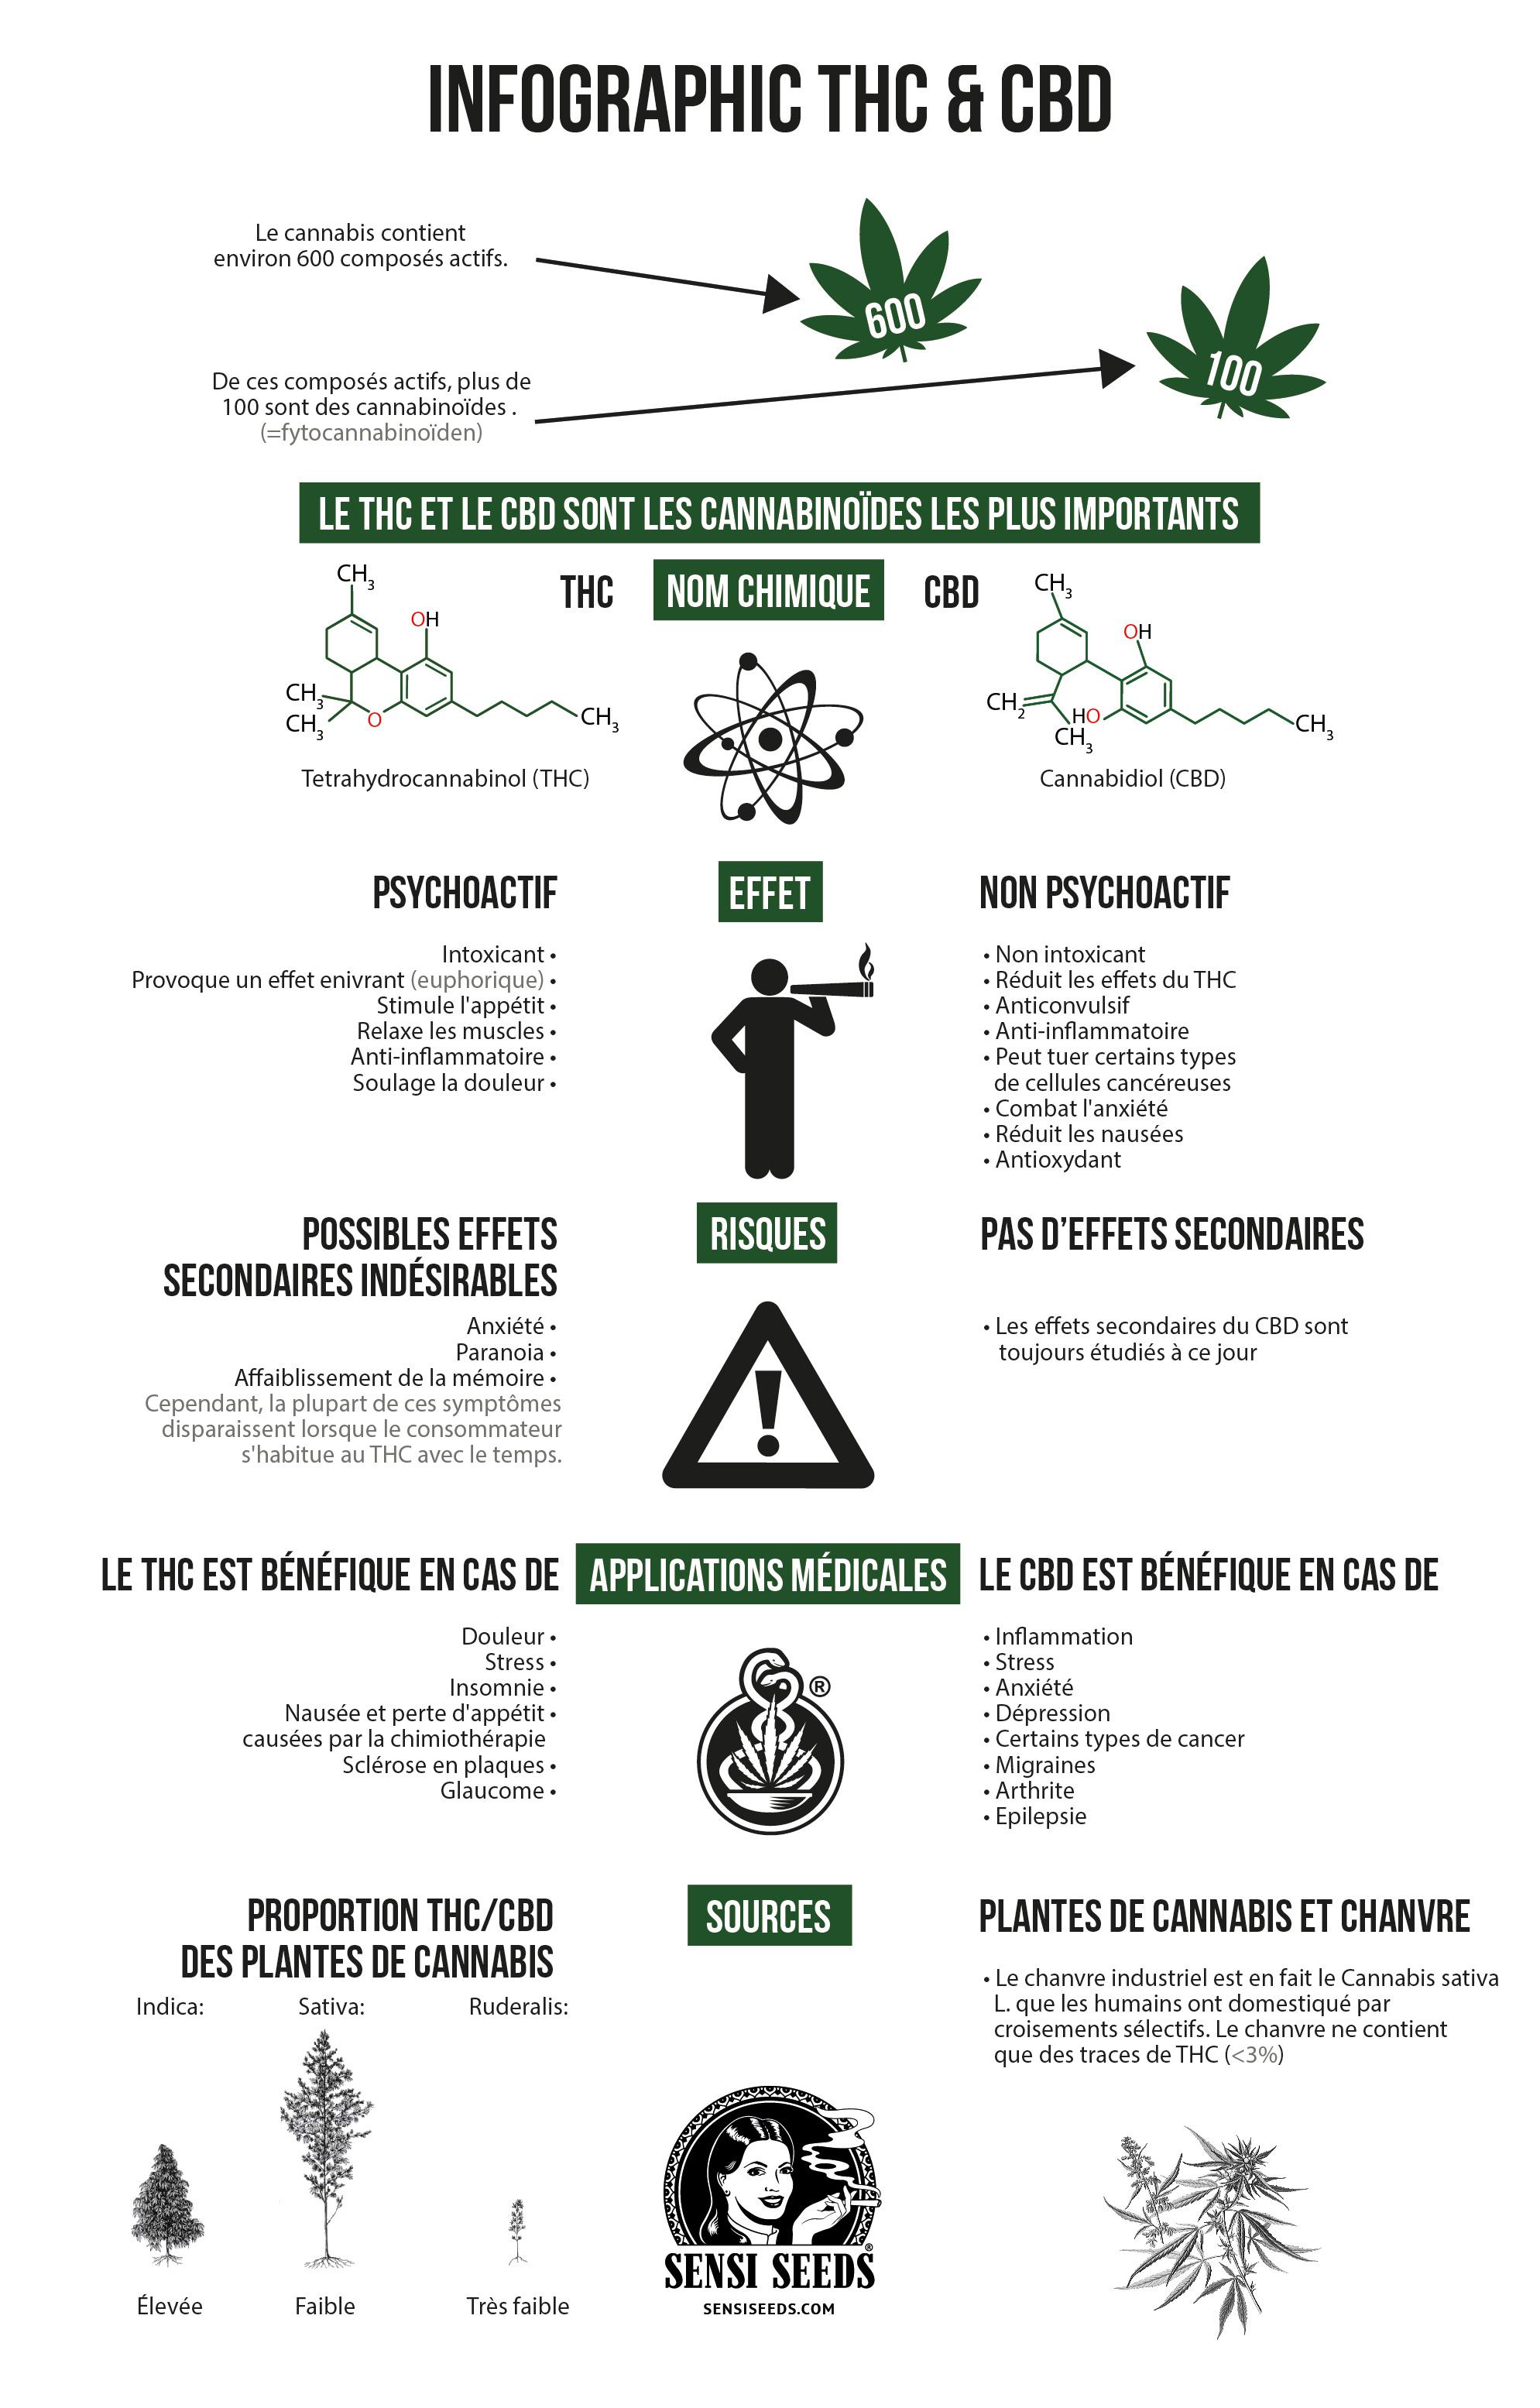 Infographie illustrant les différences entre le tétrahydrocannabinol (THC) et le cannabidiol (CBD). Les comparaisons sont faites (de haut en bas) entre les formules structurelles des composés chimiques, les effets, les risques, les usages médicaux et les sources.